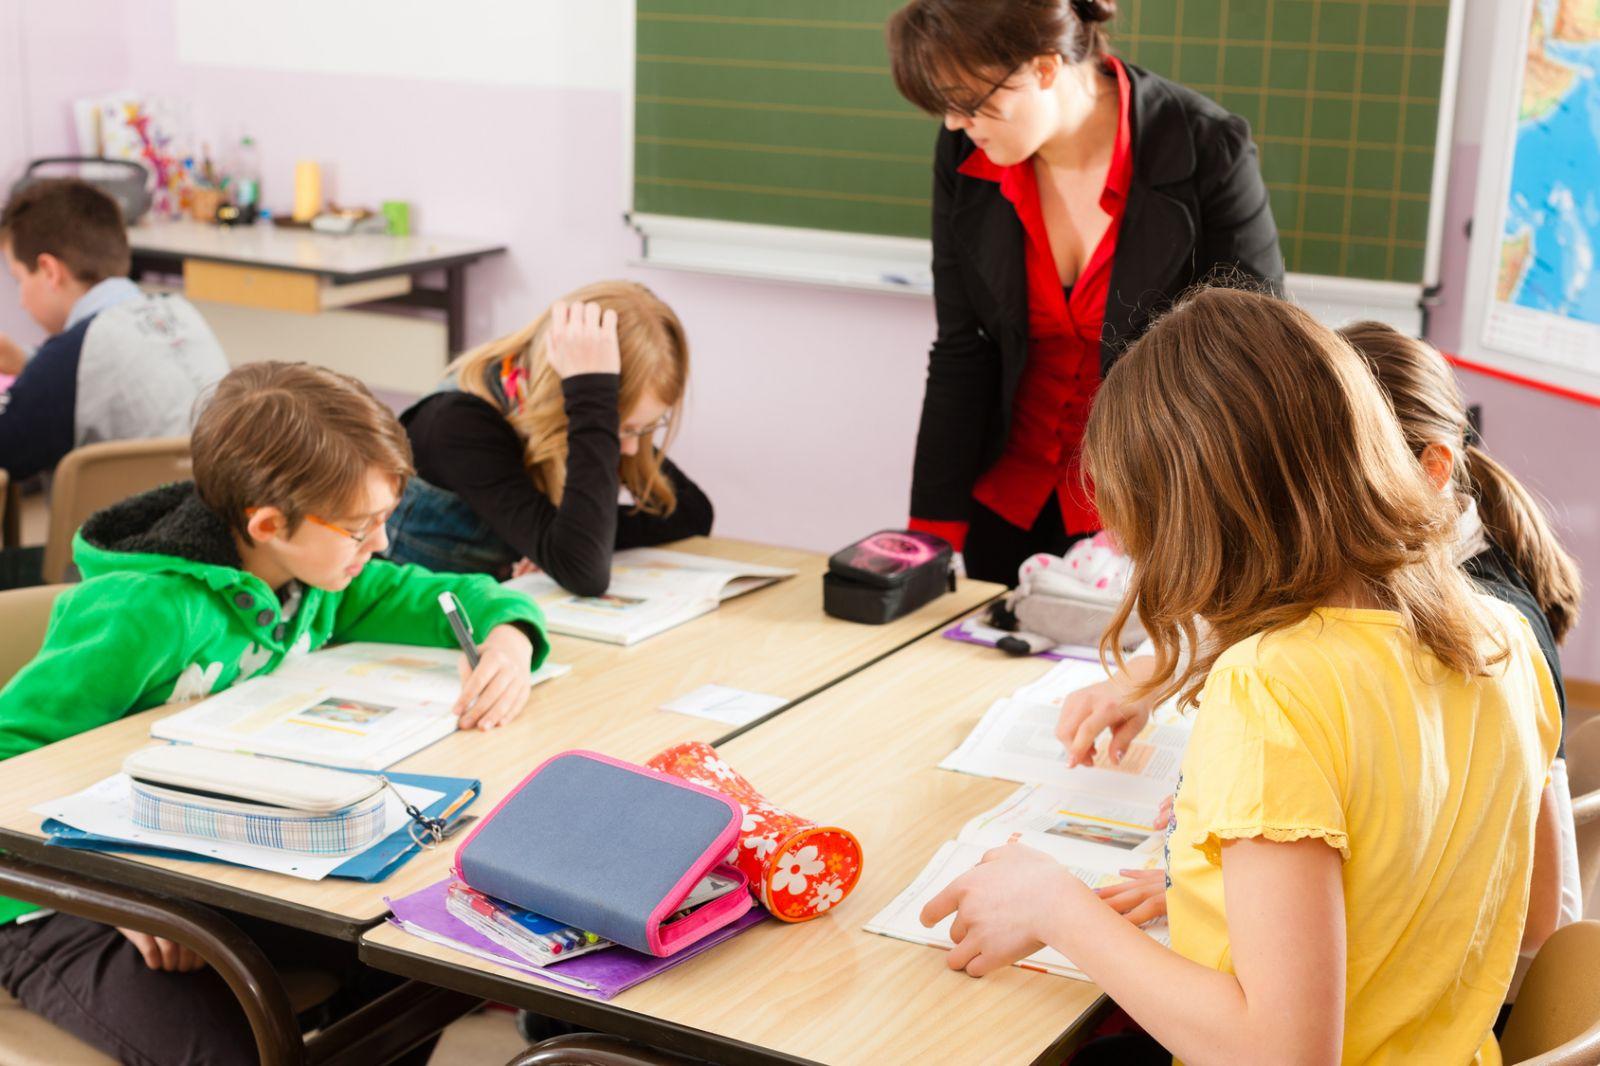 Changer la demande pour aider l'élève